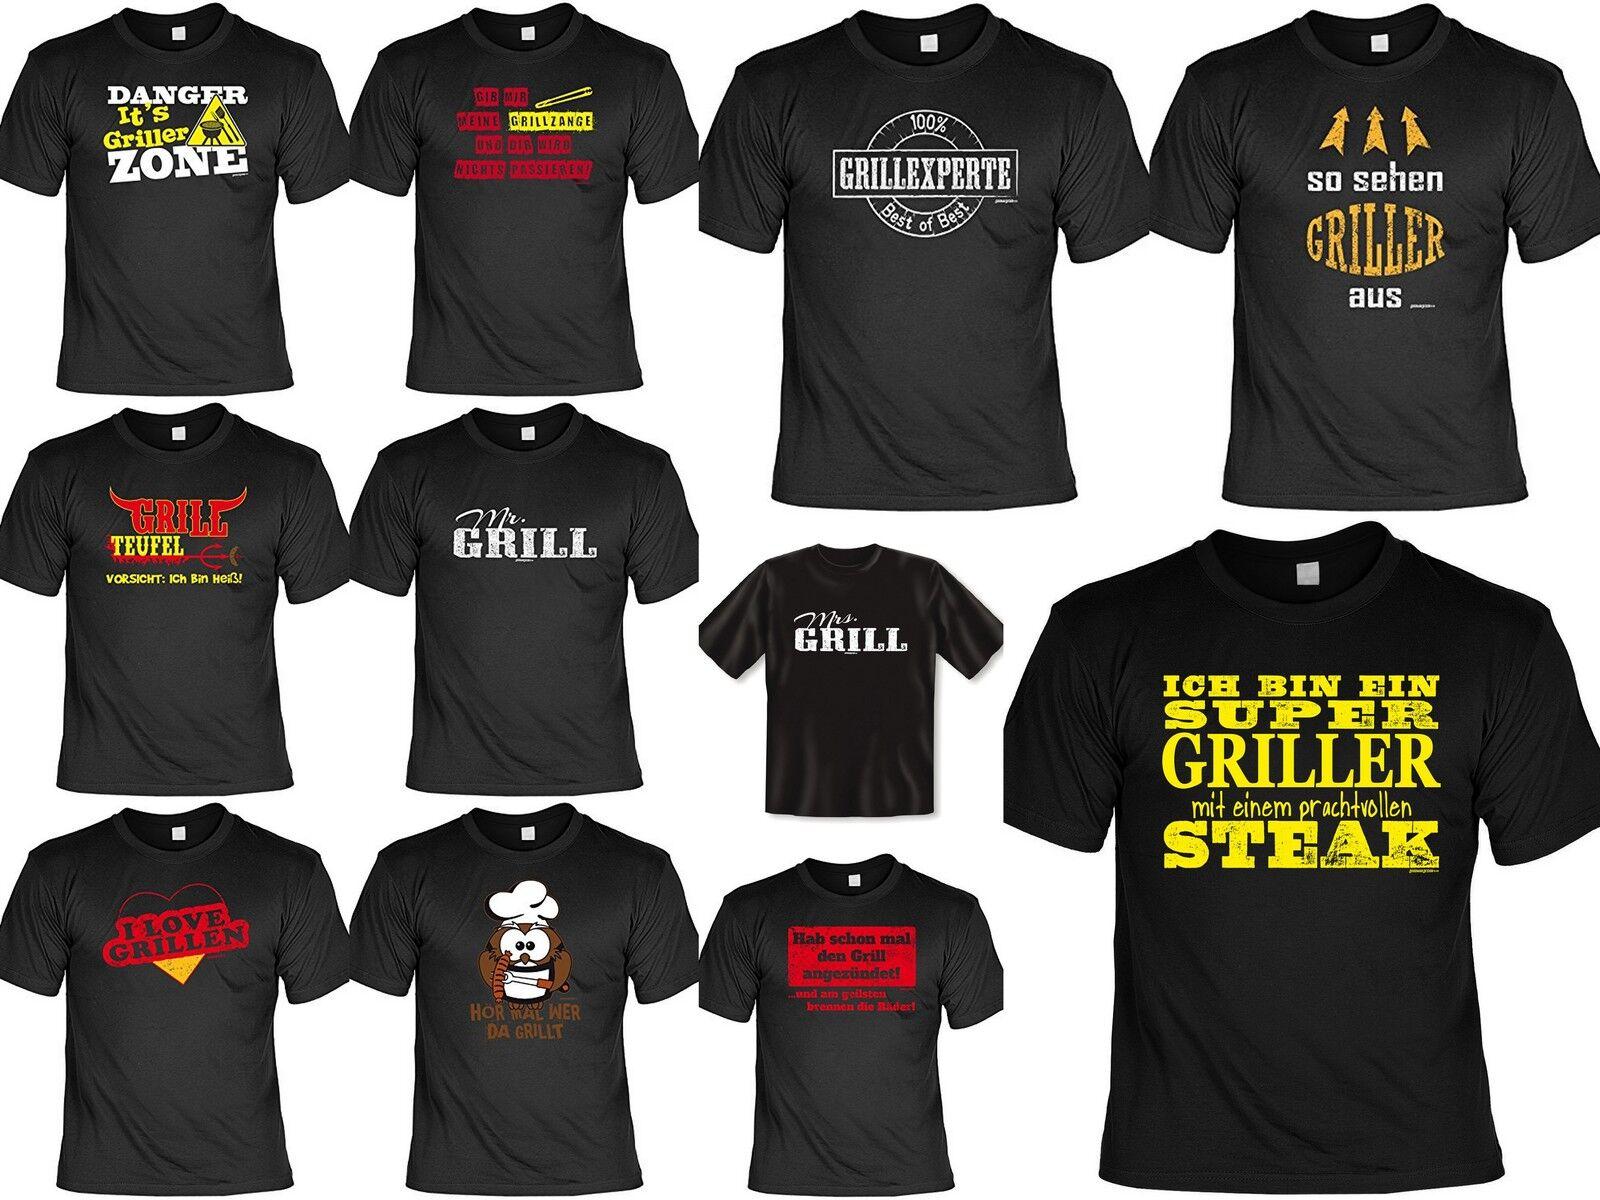 Cooles Fun Partyshirt - Funshirt Grill Sprüche - lustige Sprüche T-Shirt Grillen